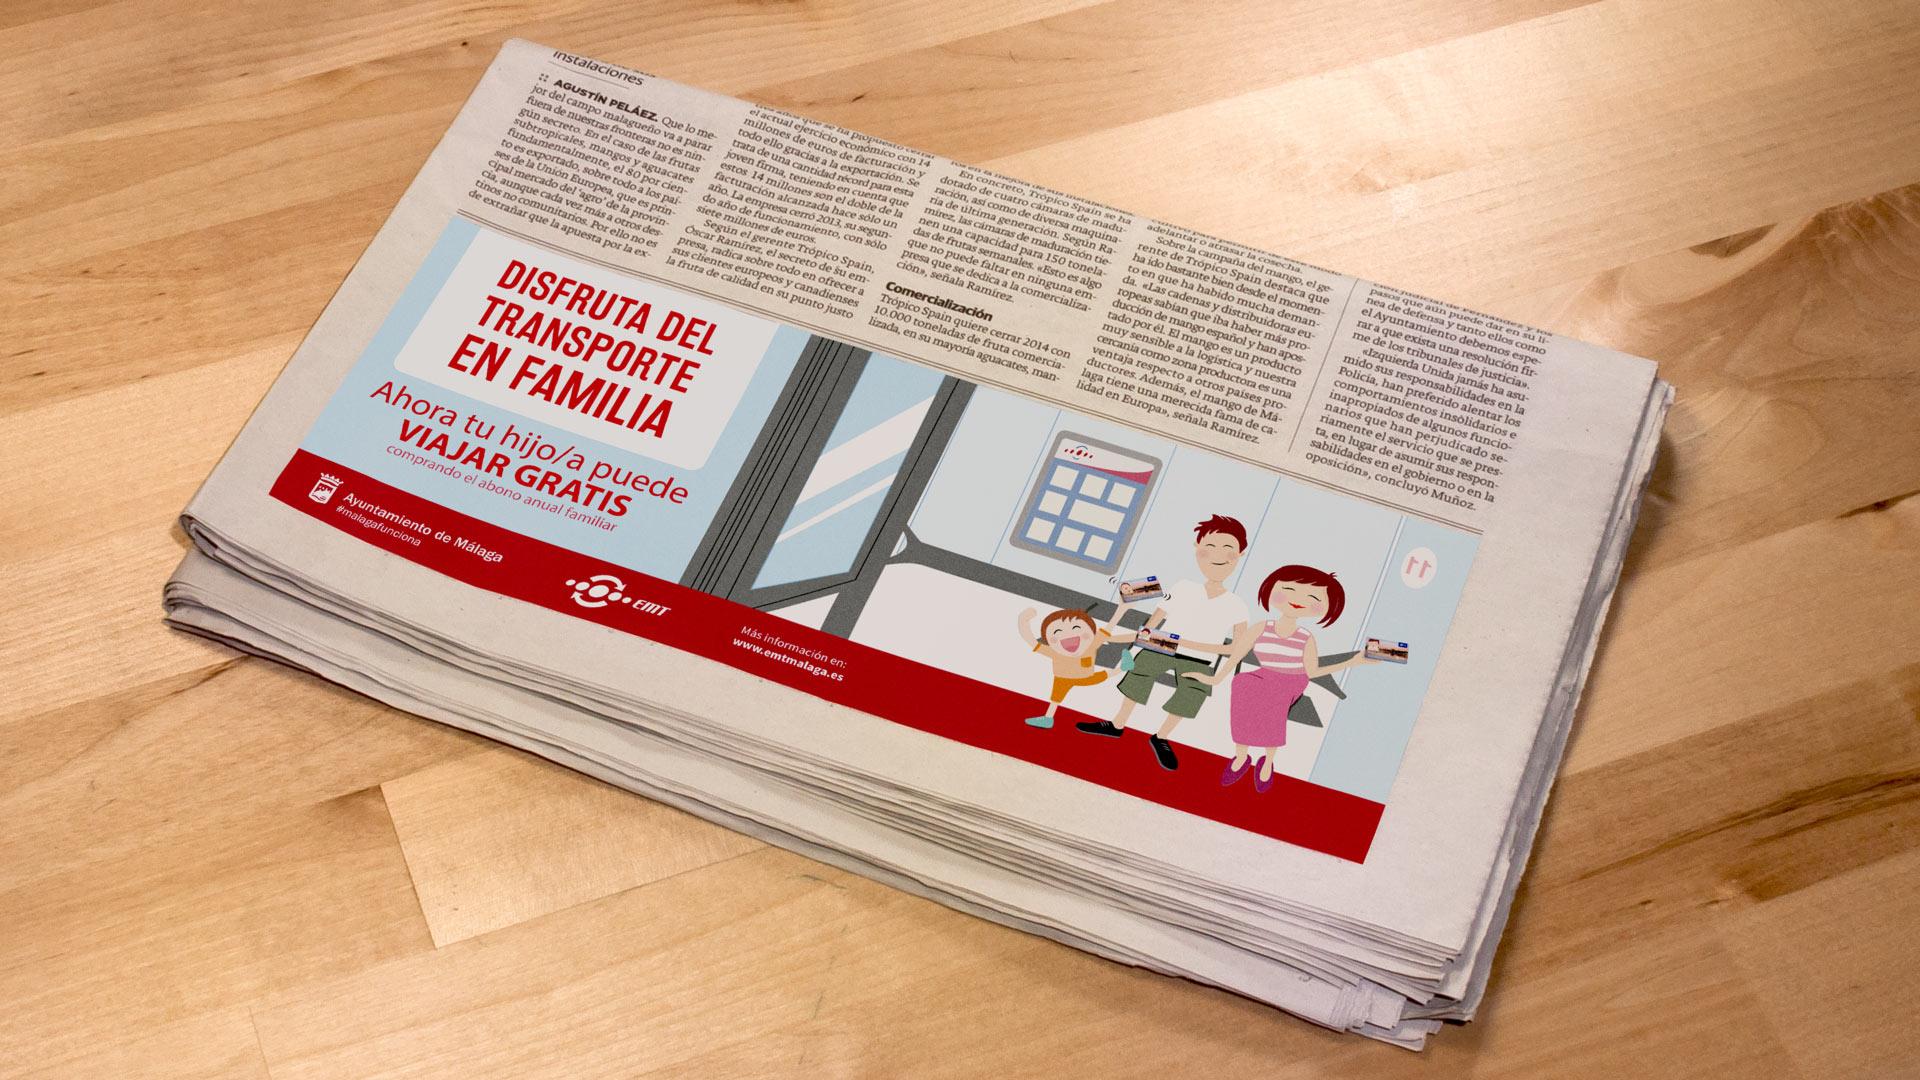 Periódico Campaña Disfruta del transporte en familia EMT - SOYTUTIPO